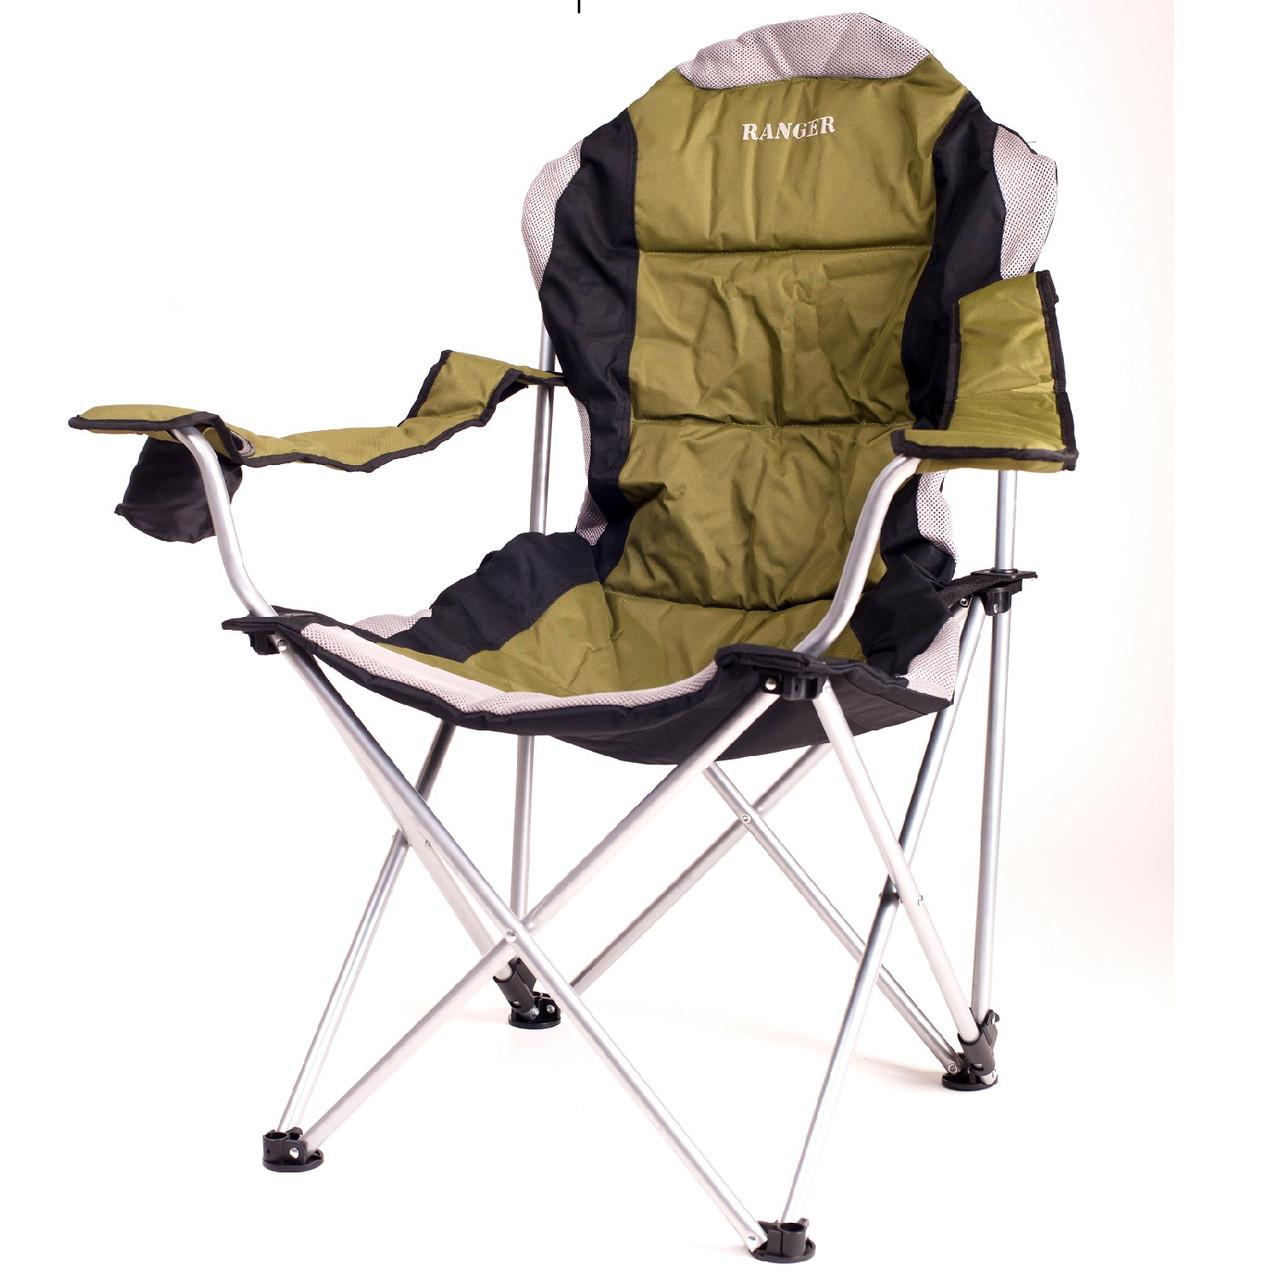 Кресло складное с регулируемым наклоном спинки Ranger FC 750-052 Green